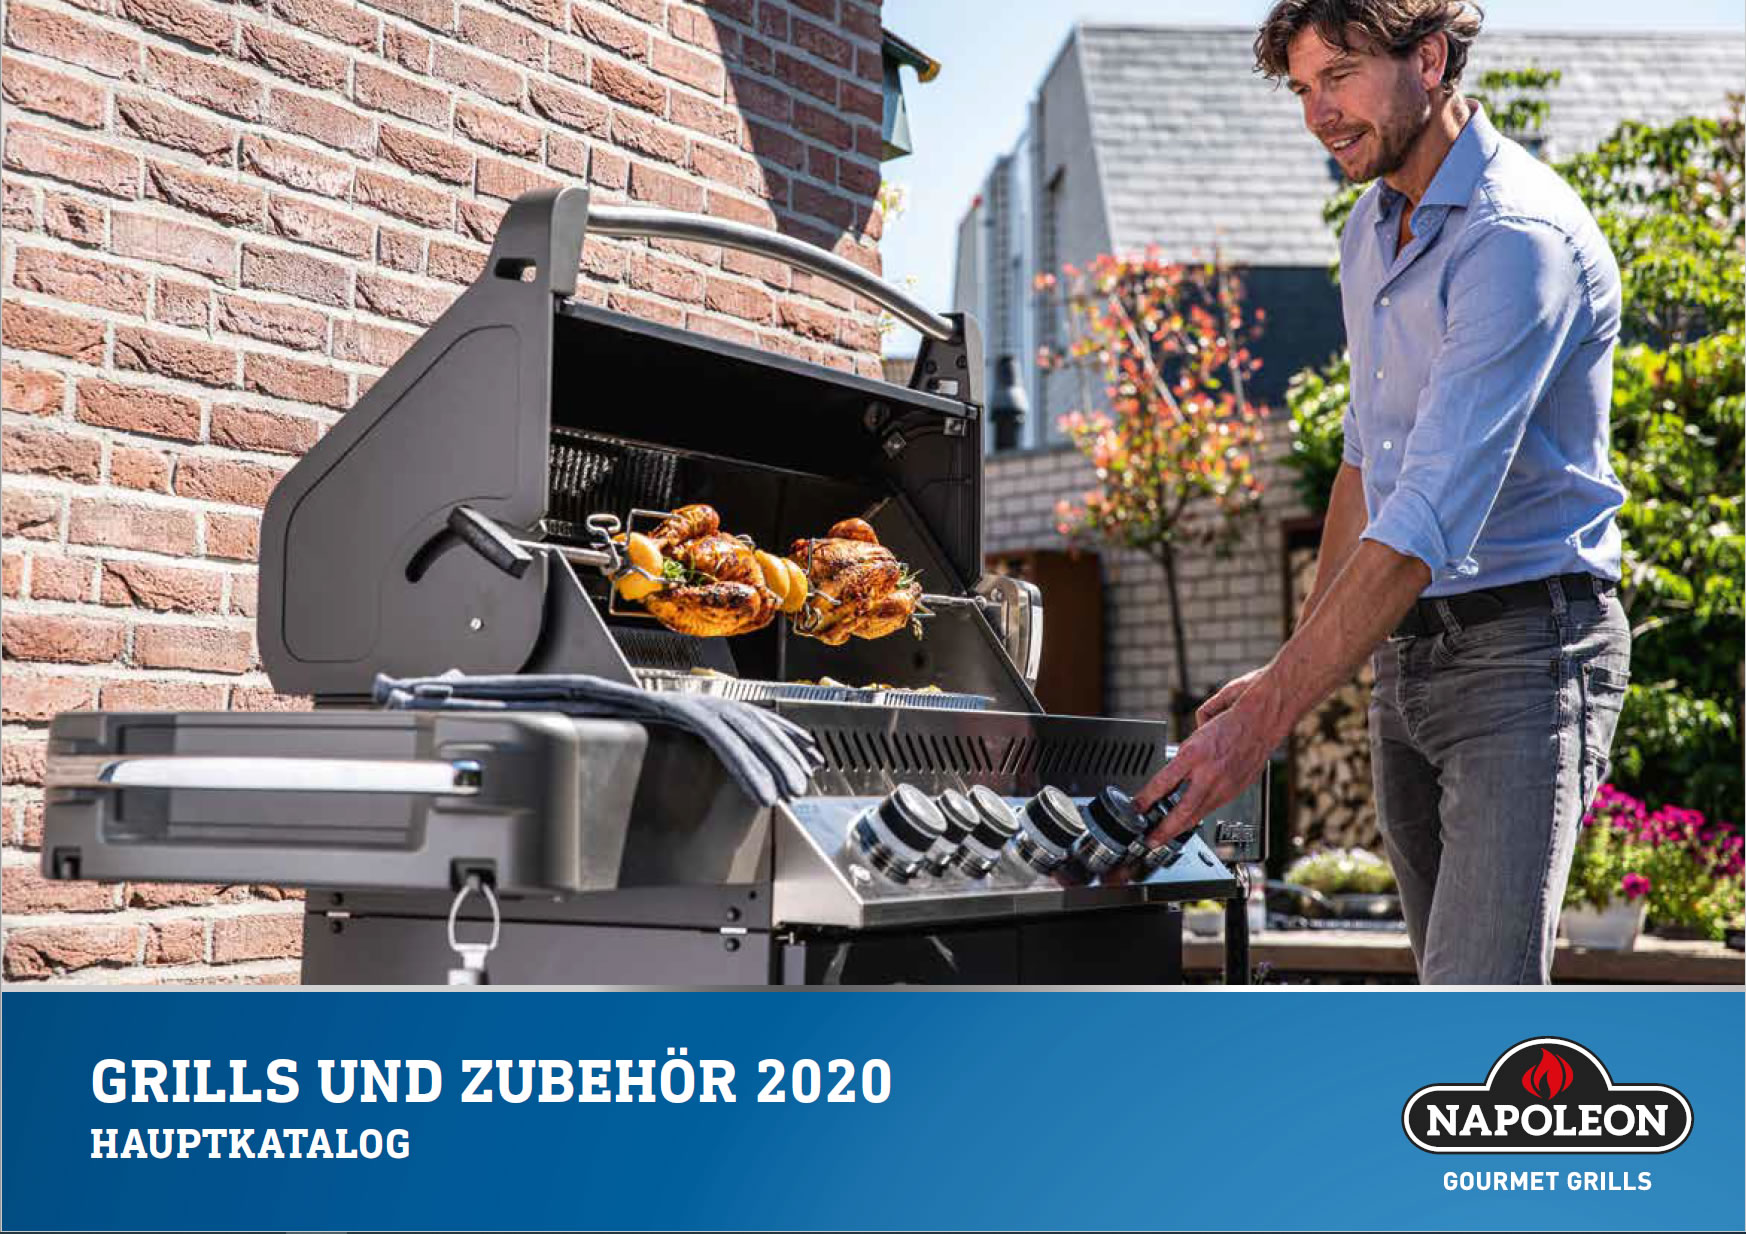 napoleon-grills-und-zubehoer-2020